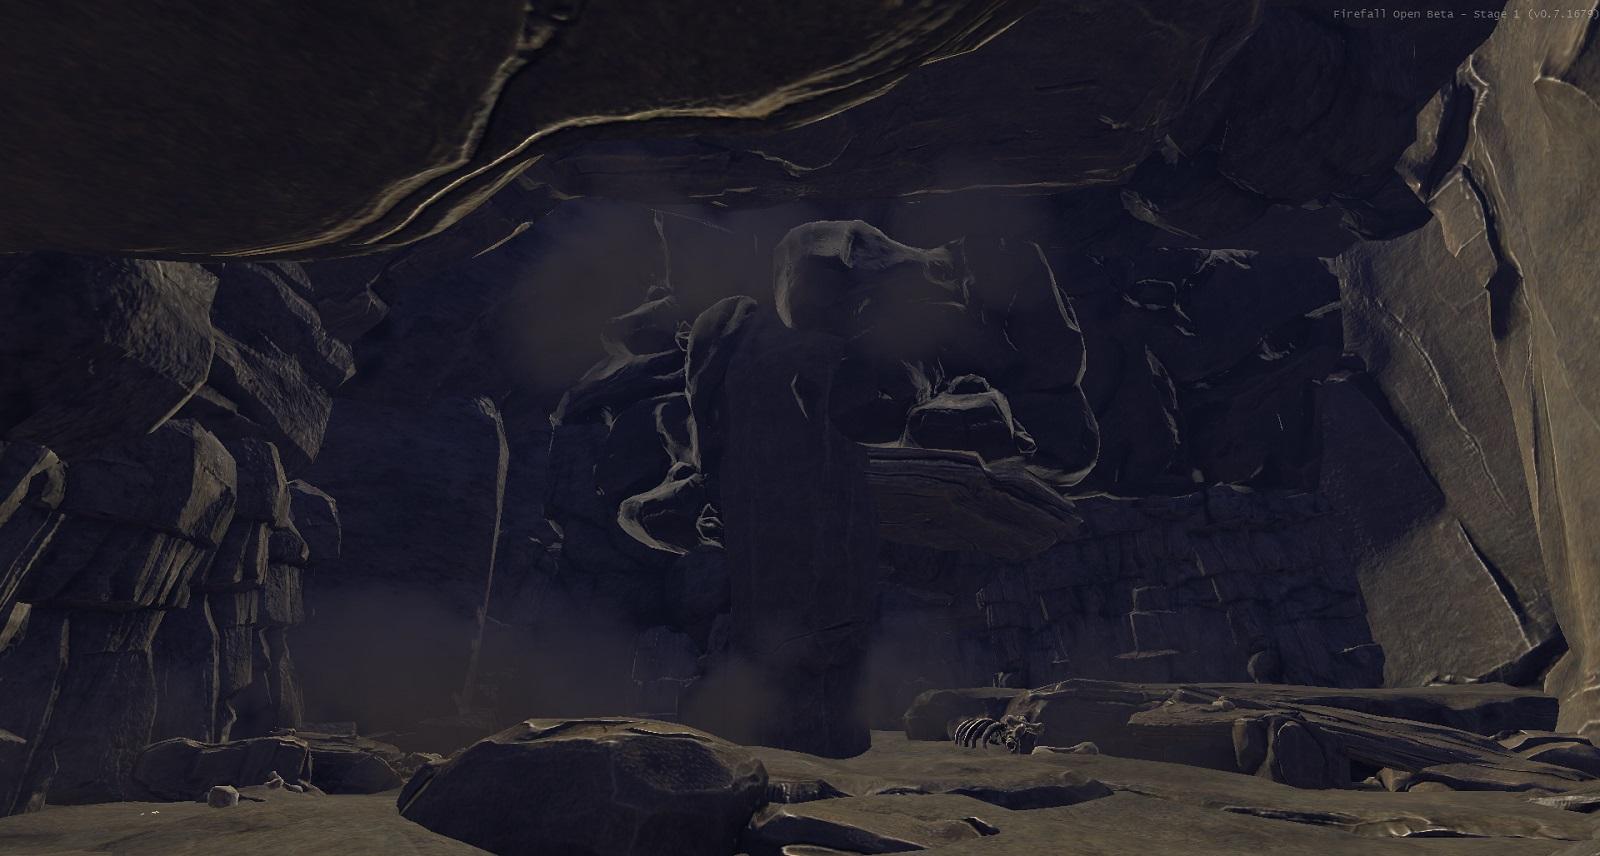 firefall jaskinia